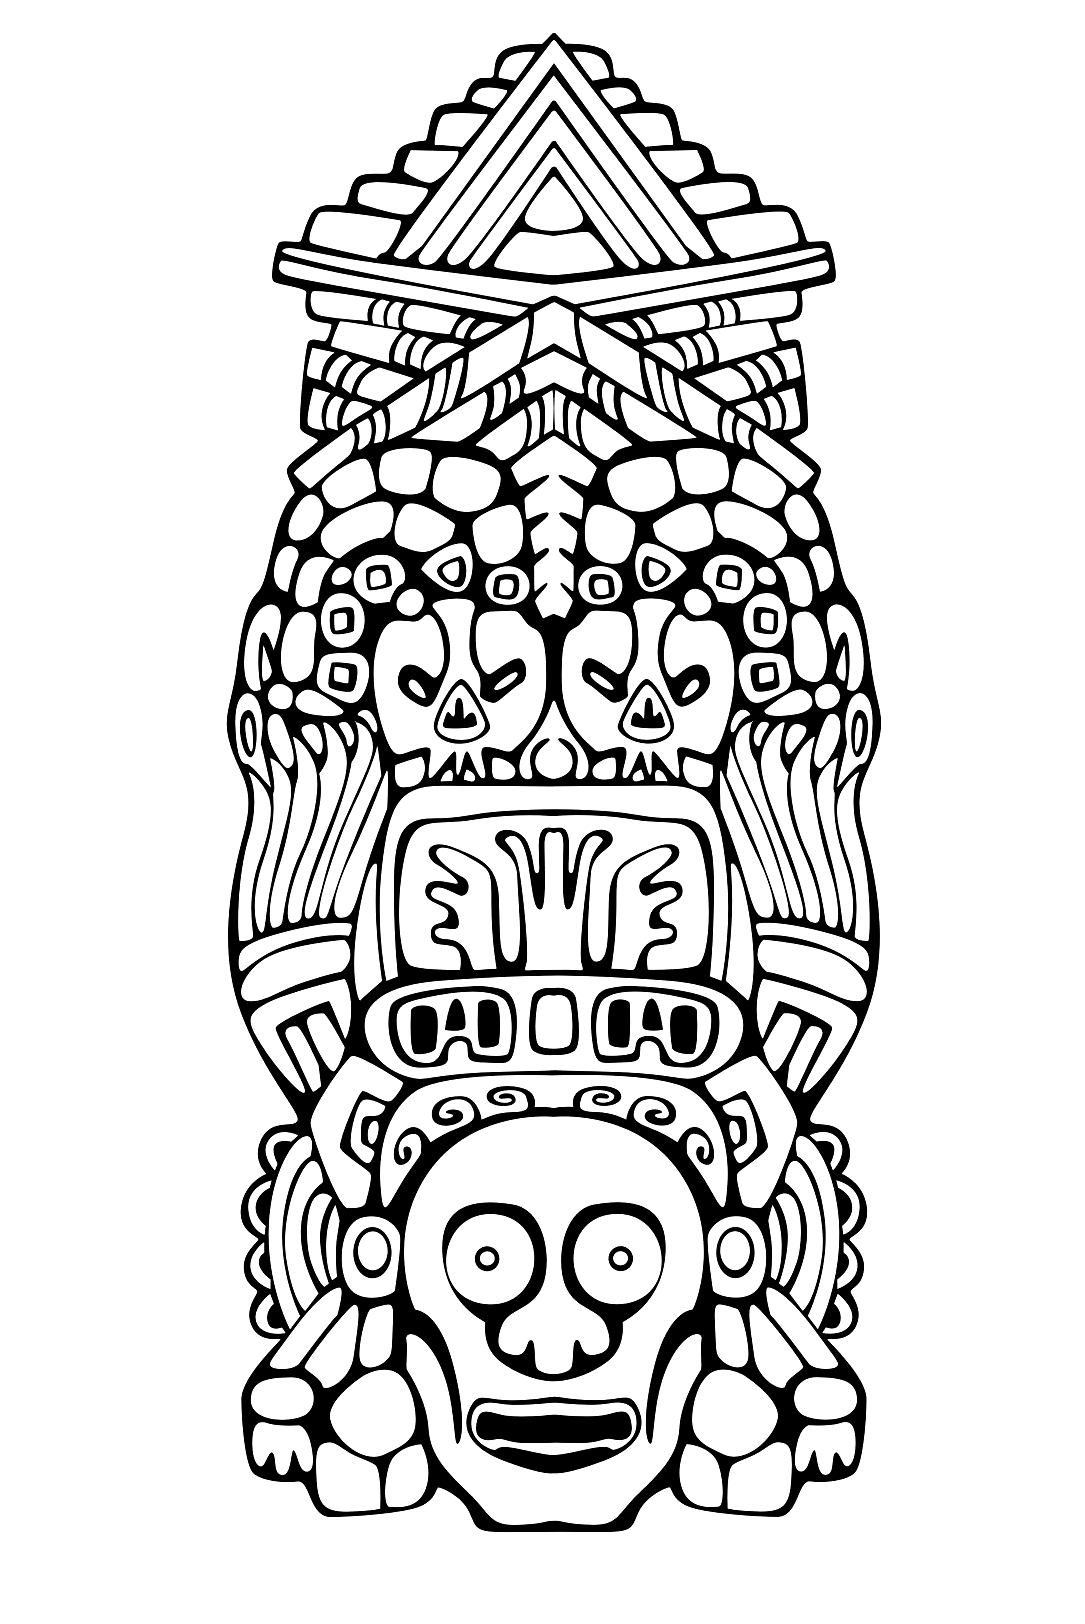 Mayas aztecas e incas 91616 - Mayas, Aztecas e Incas - Colorear para ...